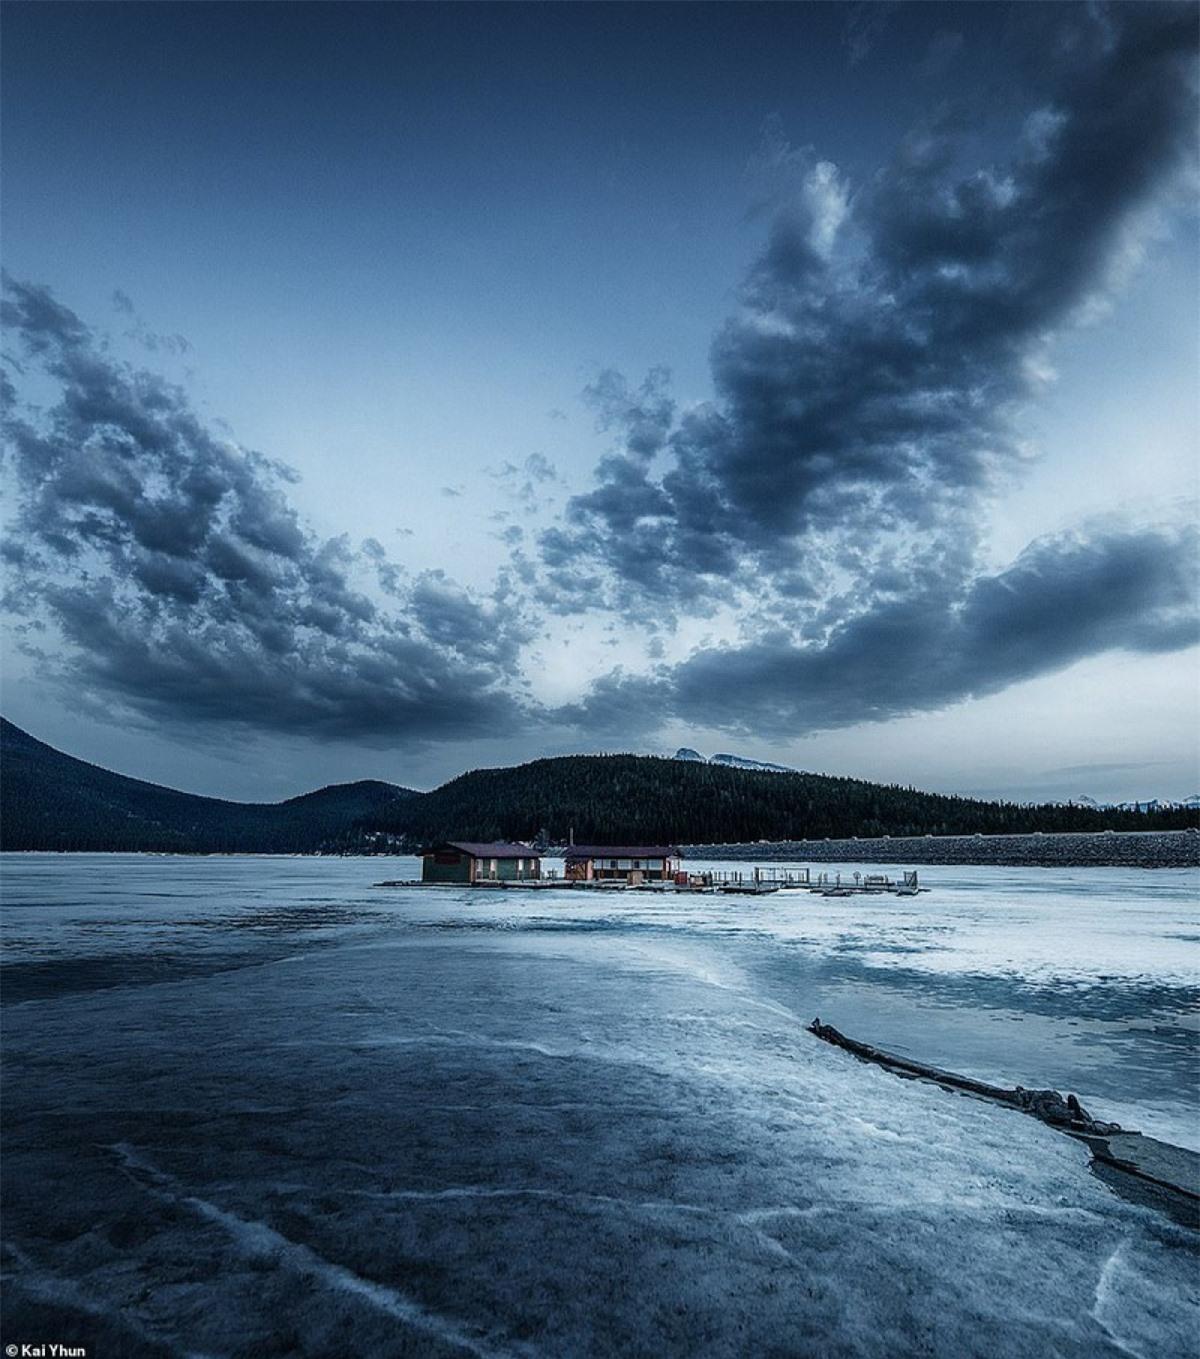 Hồ Minnewanka: Đa dạng theo các mùa và là hồ nước lớn nhất tại công viên quốc gia Banff với độ sâu 142m và dài 28km. Vào mùa đông, hồ đóng băng rất thích hợp cho du khách dã ngoại, đi xe đạp leo núi, đi bộ đường dài, chèo thuyền, lặn và đi bộ trên tuyết.